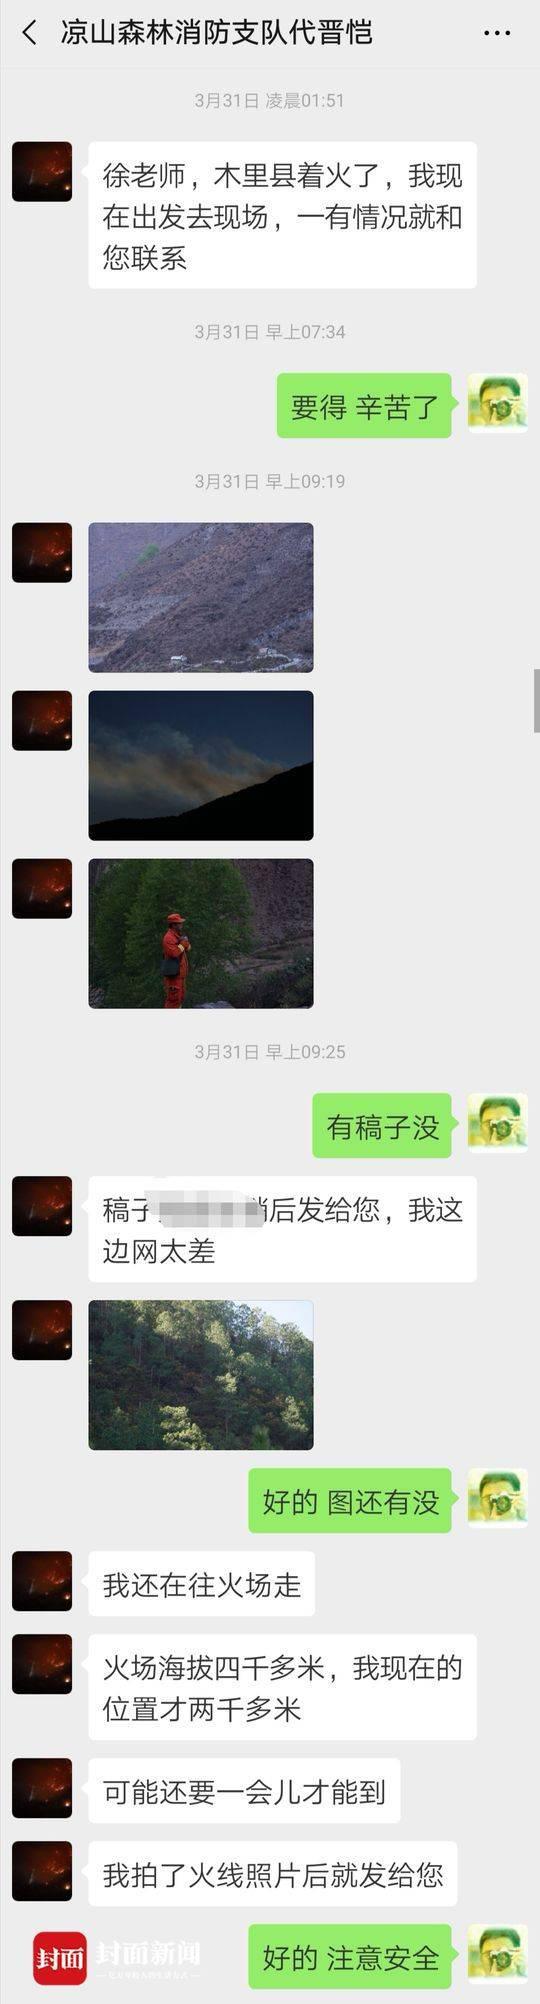 3月31日,代晋恺最后与记者的微信记录